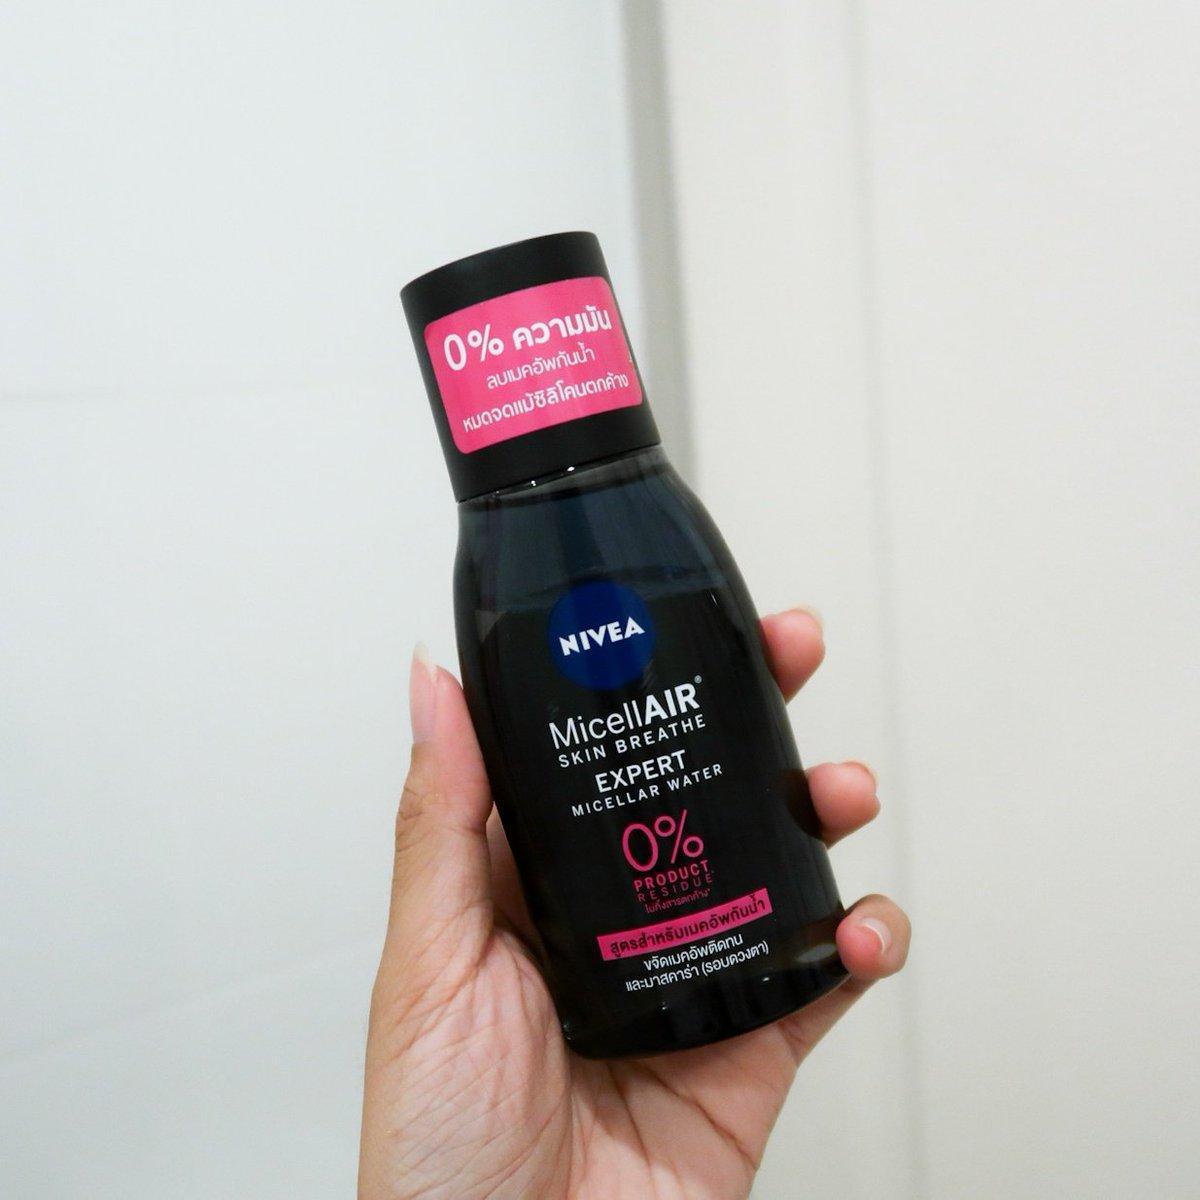 Nước tẩy trang Nivea MicellAir Skin Breathe giúp loại bỏ lớp make up hiệu quả. (Ảnh: Internet)